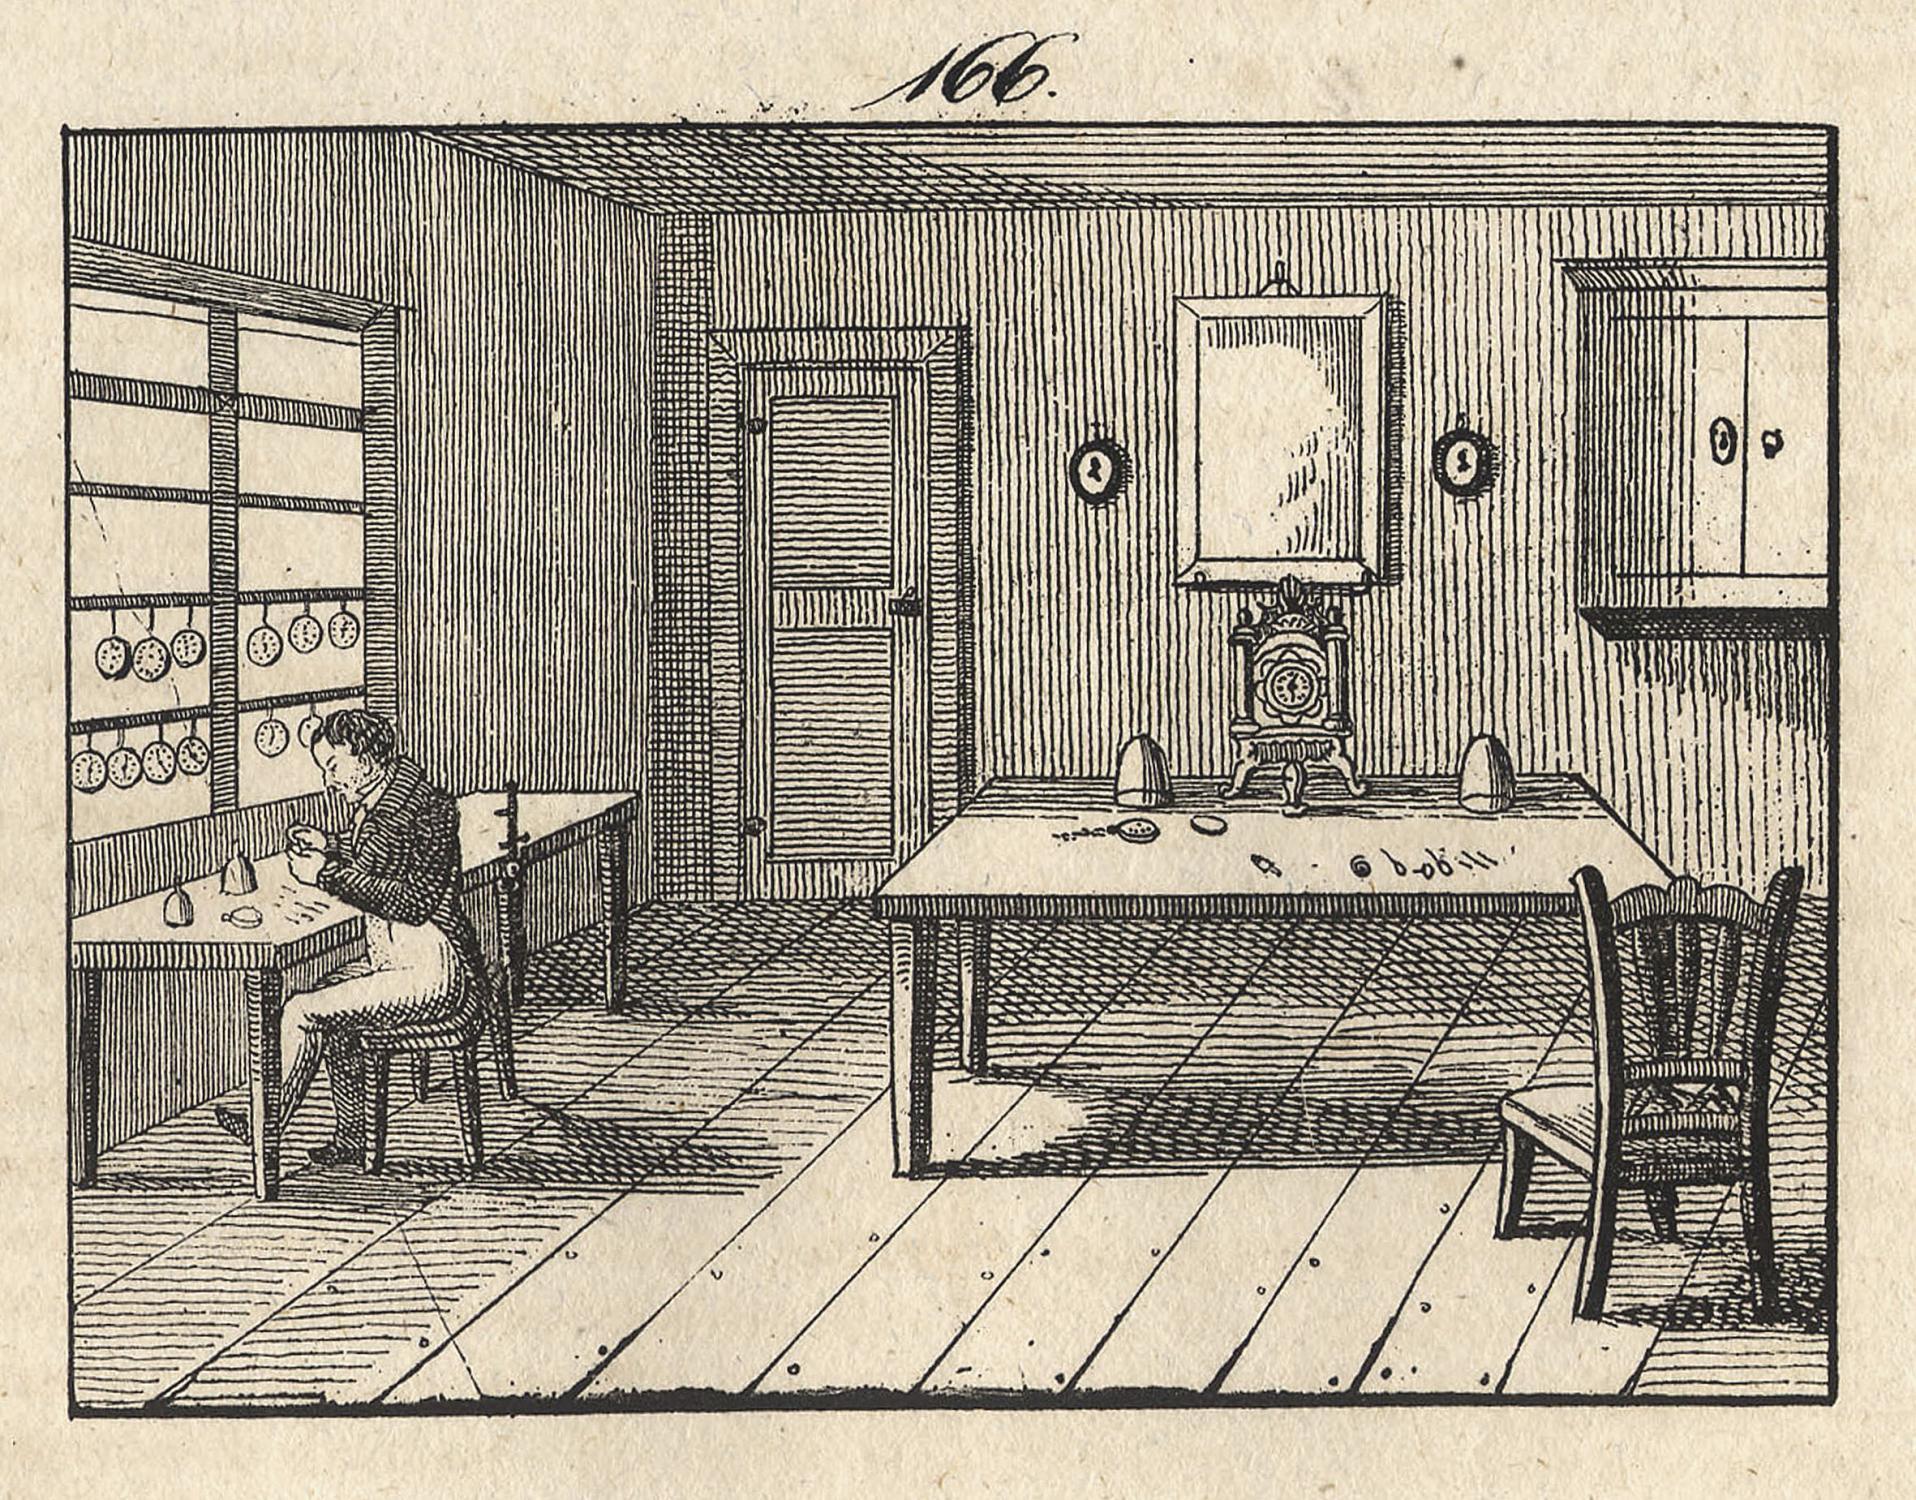 der uhrmacher zvab. Black Bedroom Furniture Sets. Home Design Ideas